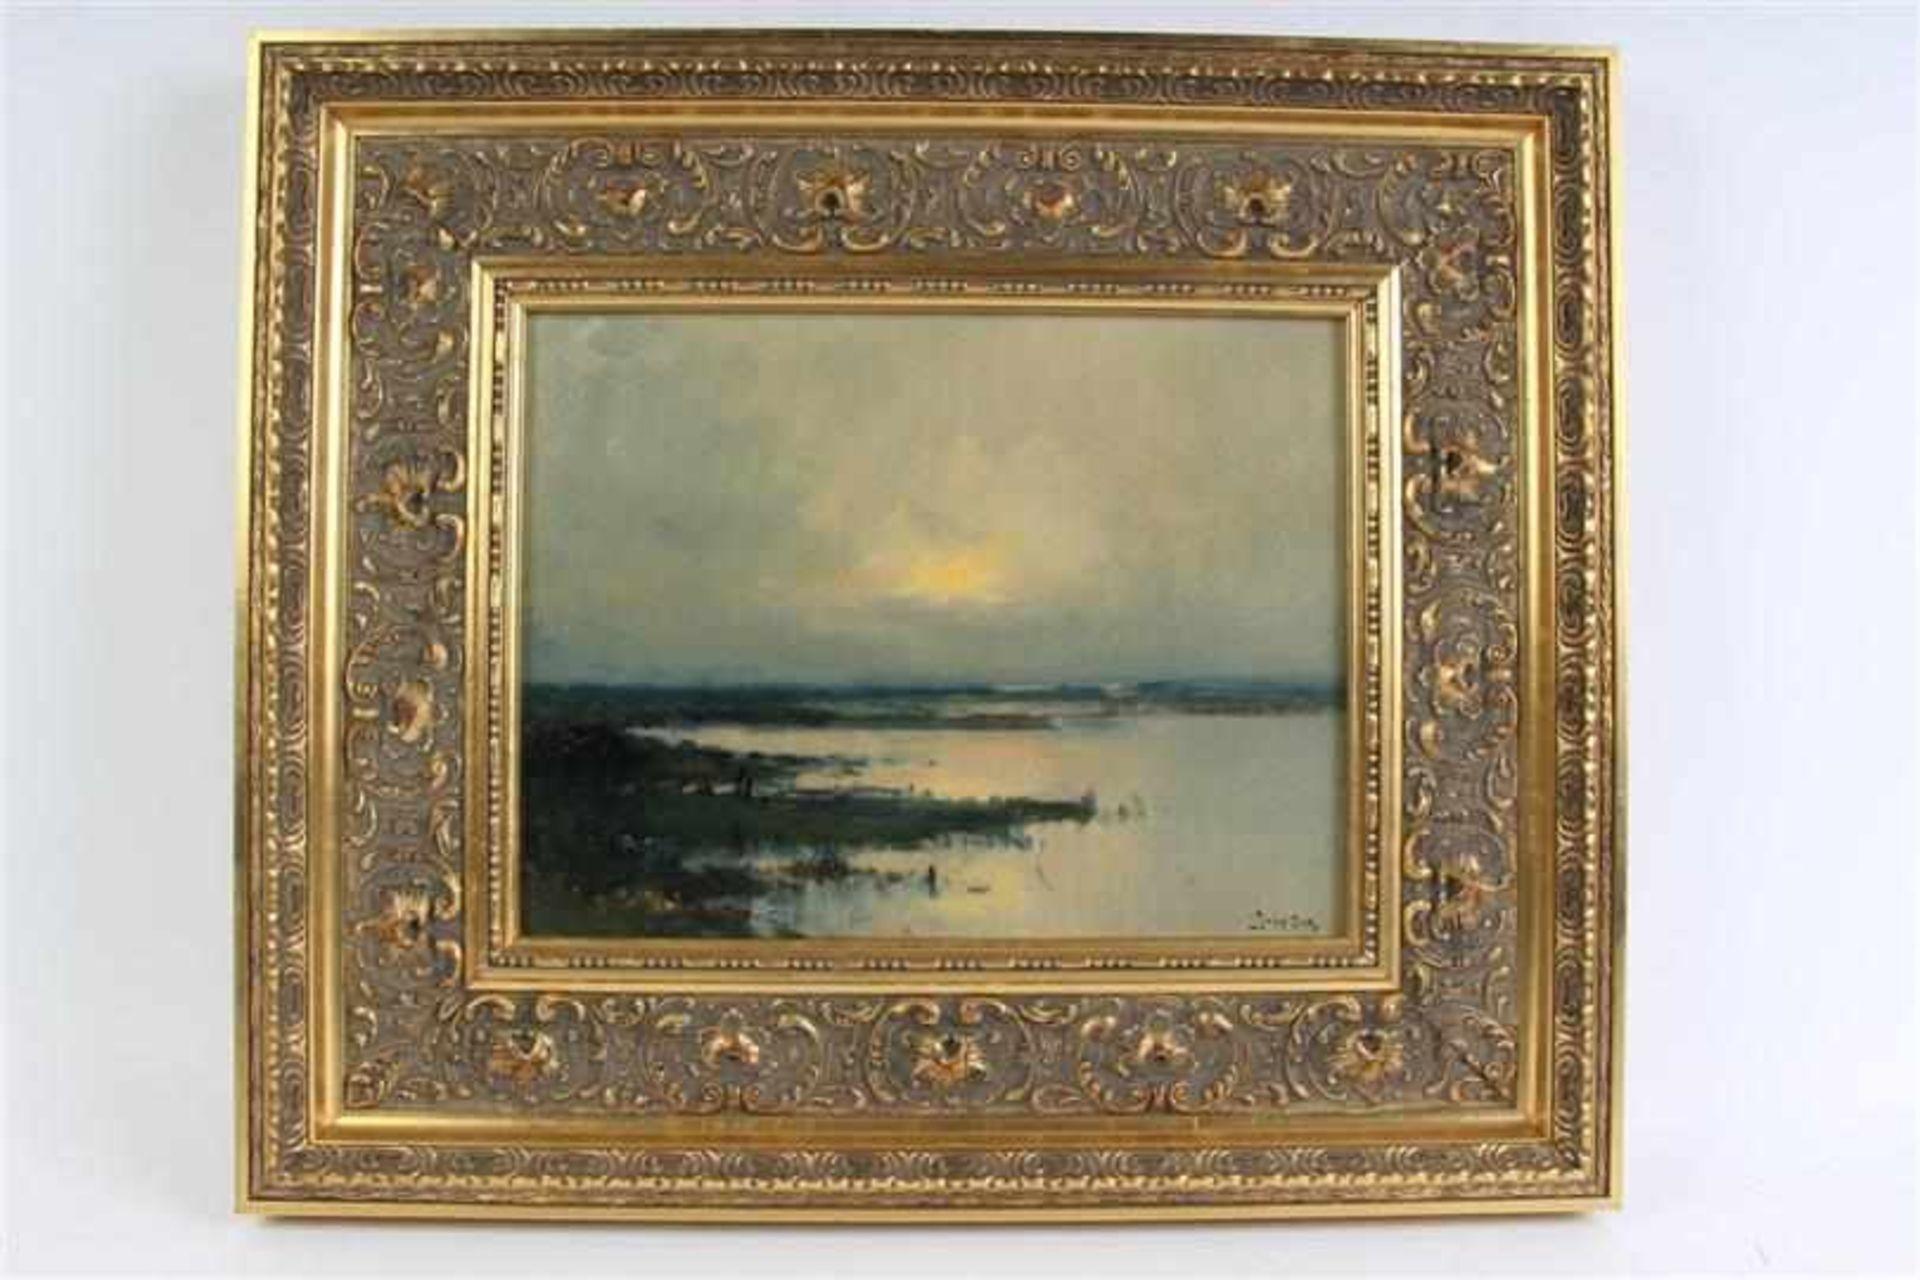 Schilderij, olieverf op board, 'Vennetje'. J. Sax (1899-1977) HxB: 25.5 x 33.5 cm.